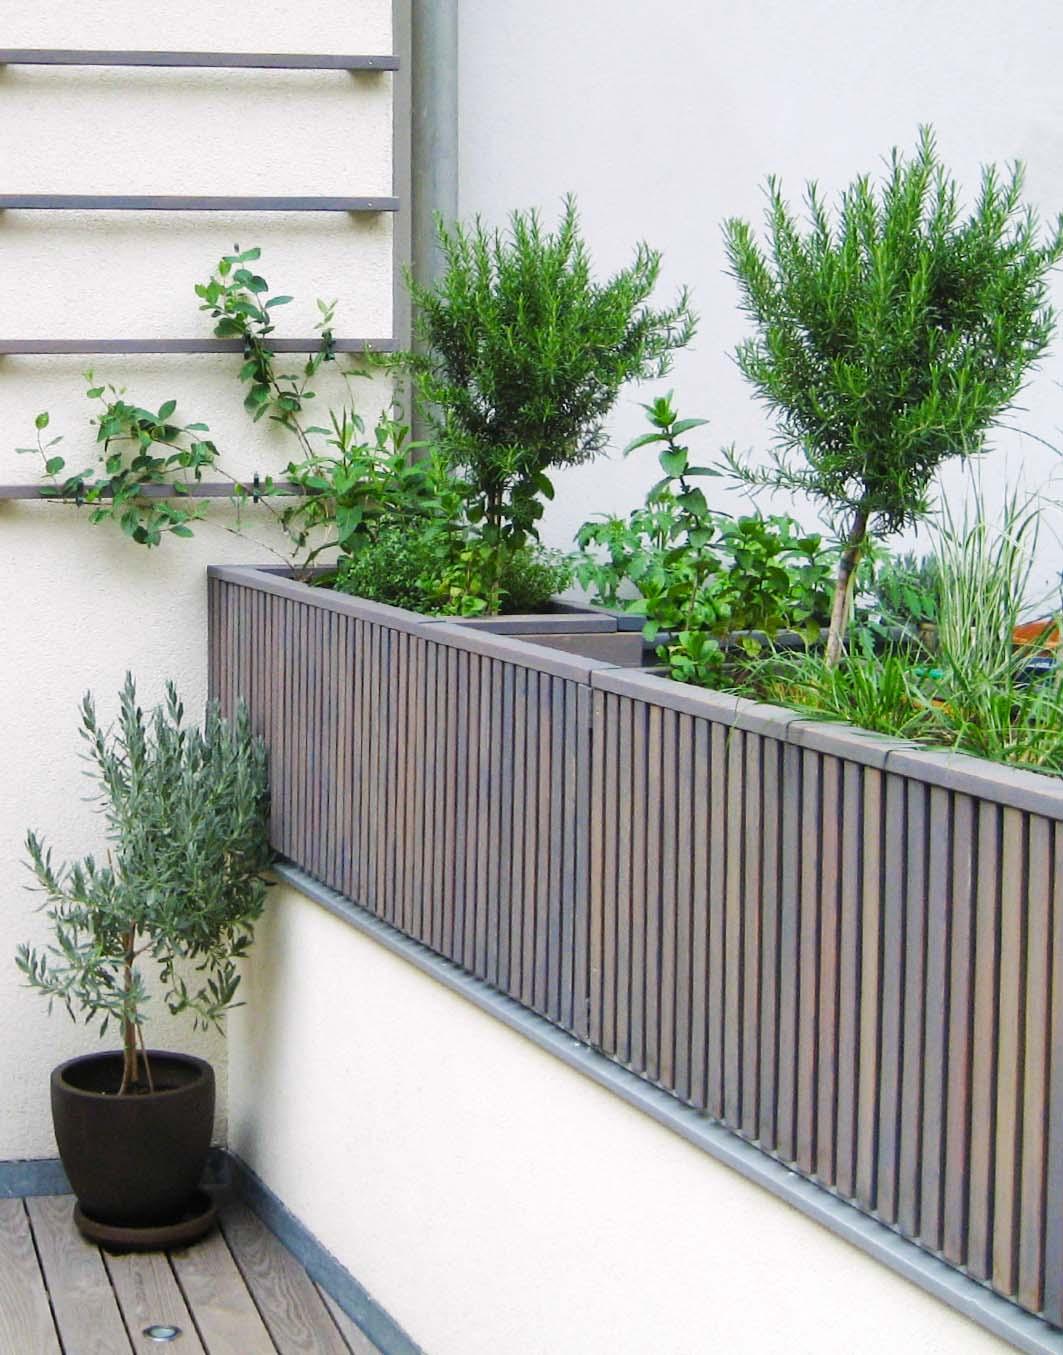 Pflanzbehälter –Blumenkisten aus heimischem Holz in Sonderanfertigung mit Rankhilfe